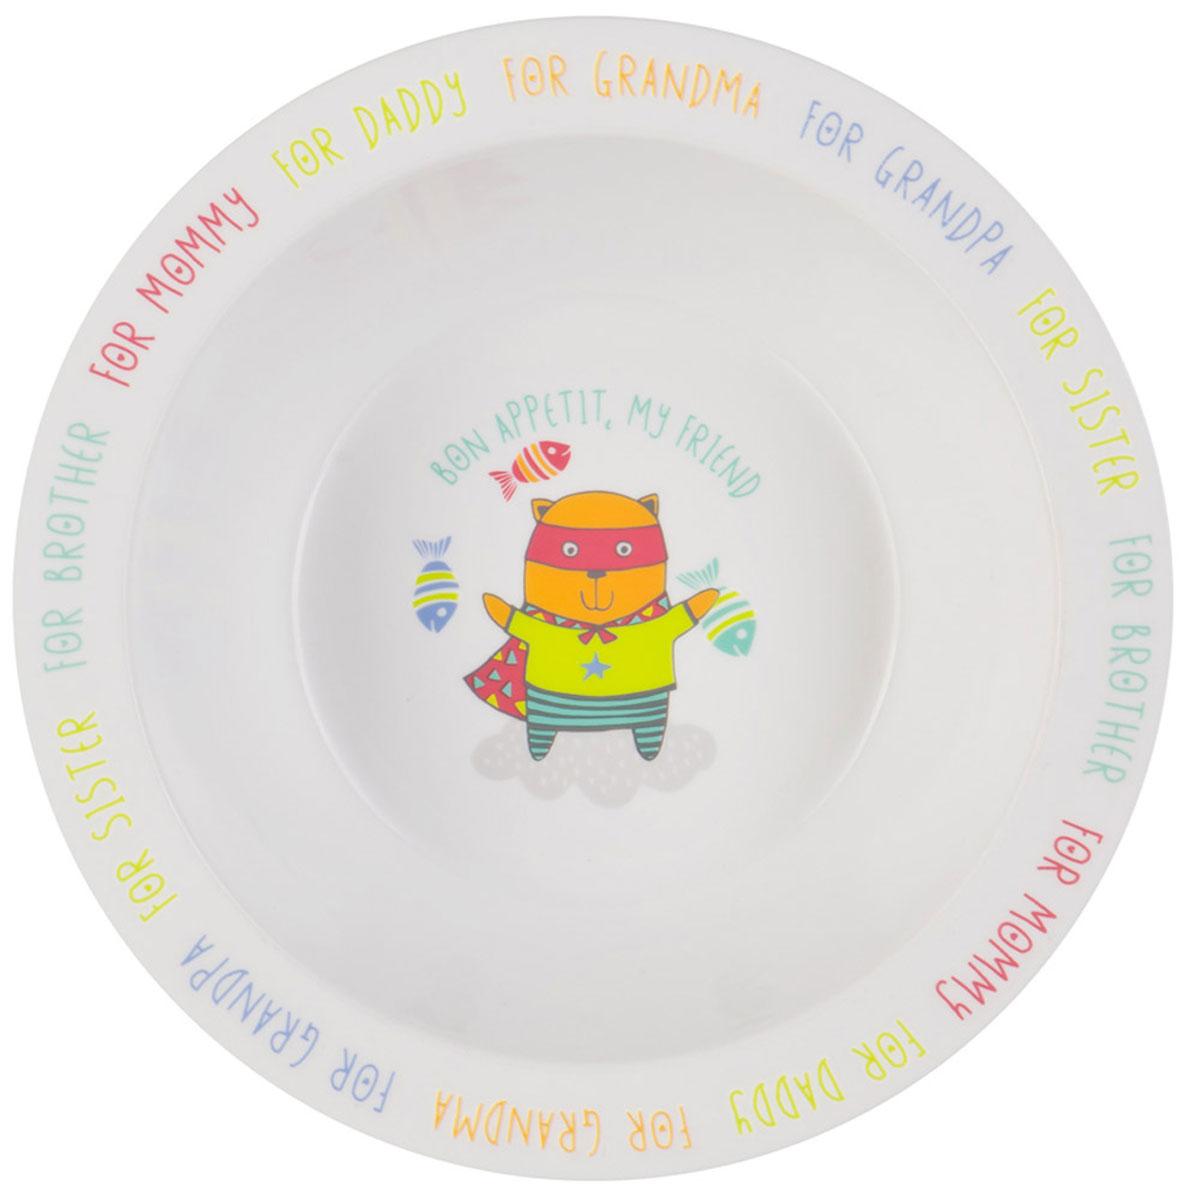 Happy Baby Тарелка детская Кот15016 NEW_кискаТарелка детская Happy Baby Кот изготовлена из безопасного материала.Тарелочка, оформленная веселой картинкой, понравится и малышу, и родителям! Ребенок будет с удовольствием учиться кушать самостоятельно. Тарелочка подходит для горячей и холодной пищи.Яркий дизайн тарелки превращает процесс кормления в увлекательную игру.Можно использовать в СВЧ-печи и мыть в посудомоечной машине.Подходит для детей от 6 месяцев.